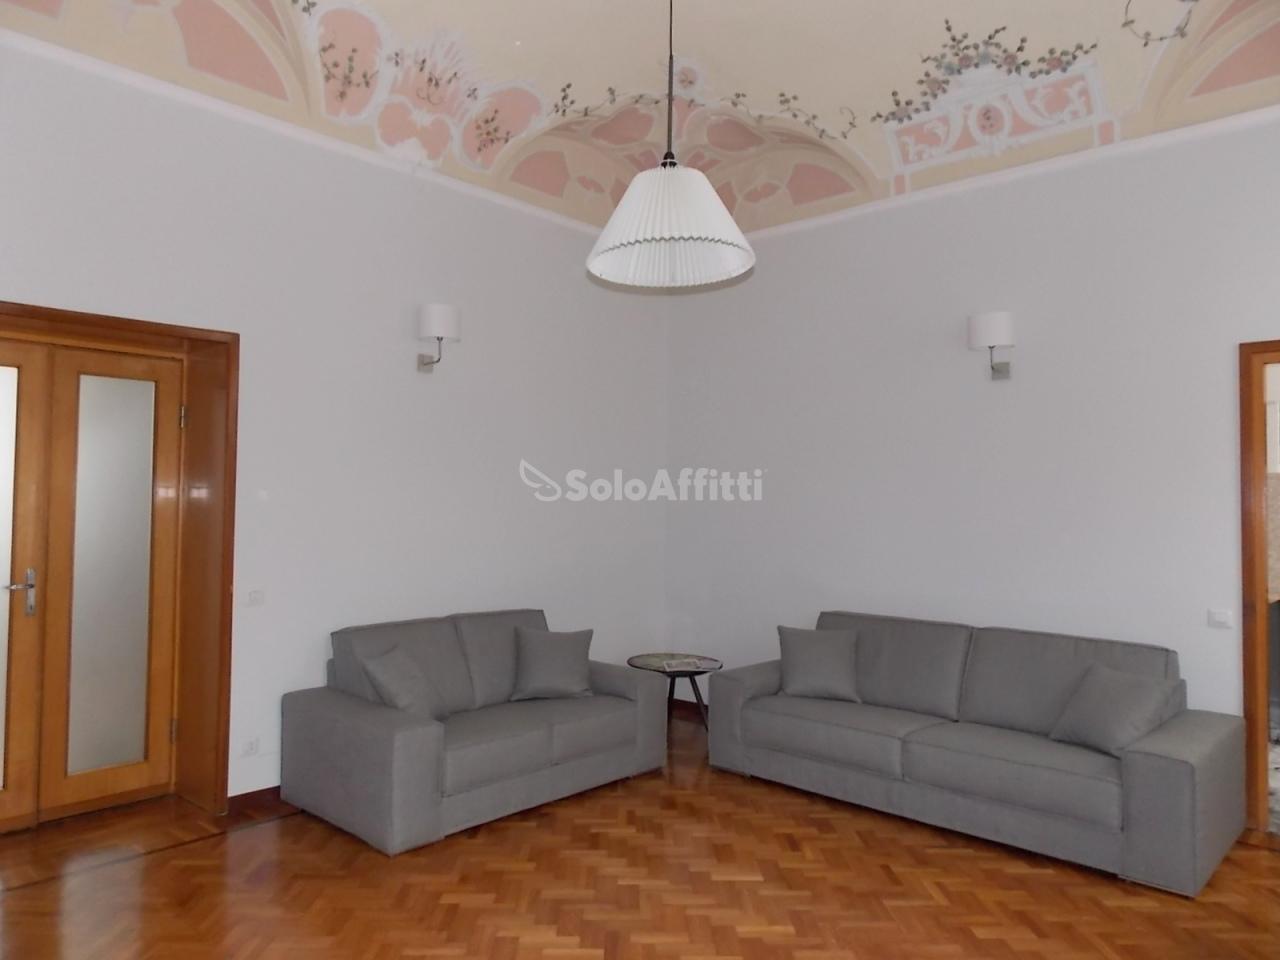 Appartamento in affitto a Novara, 4 locali, Trattative riservate | CambioCasa.it